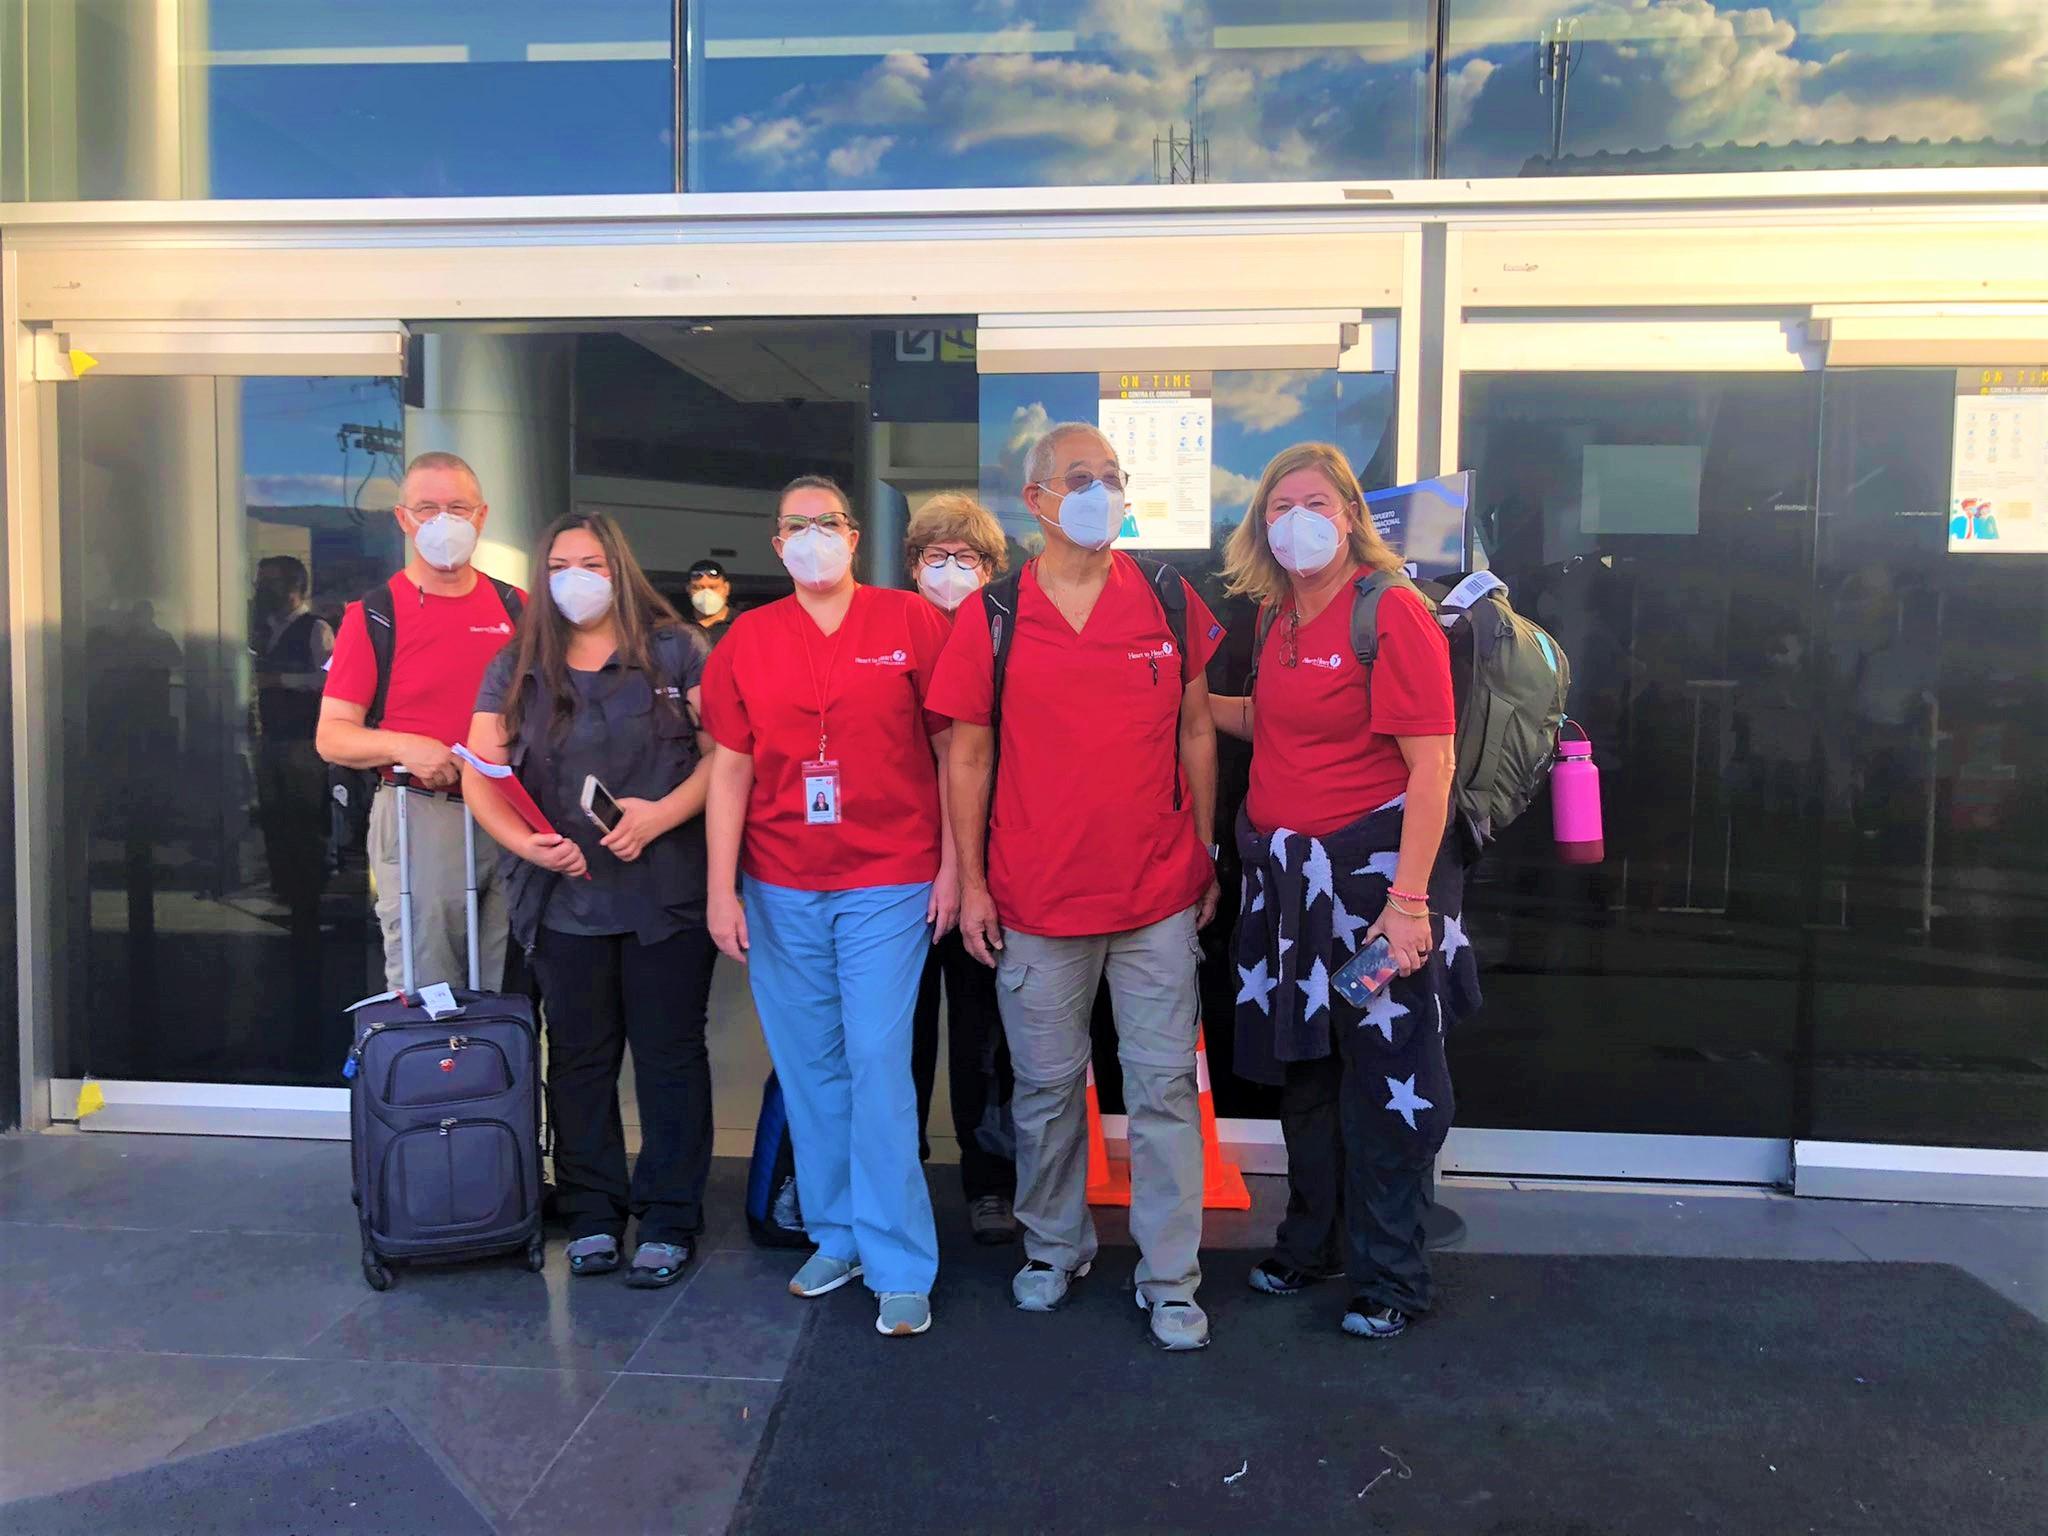 Médicos estadounidenses llegan a Honduras para atender a damnificados por Iota